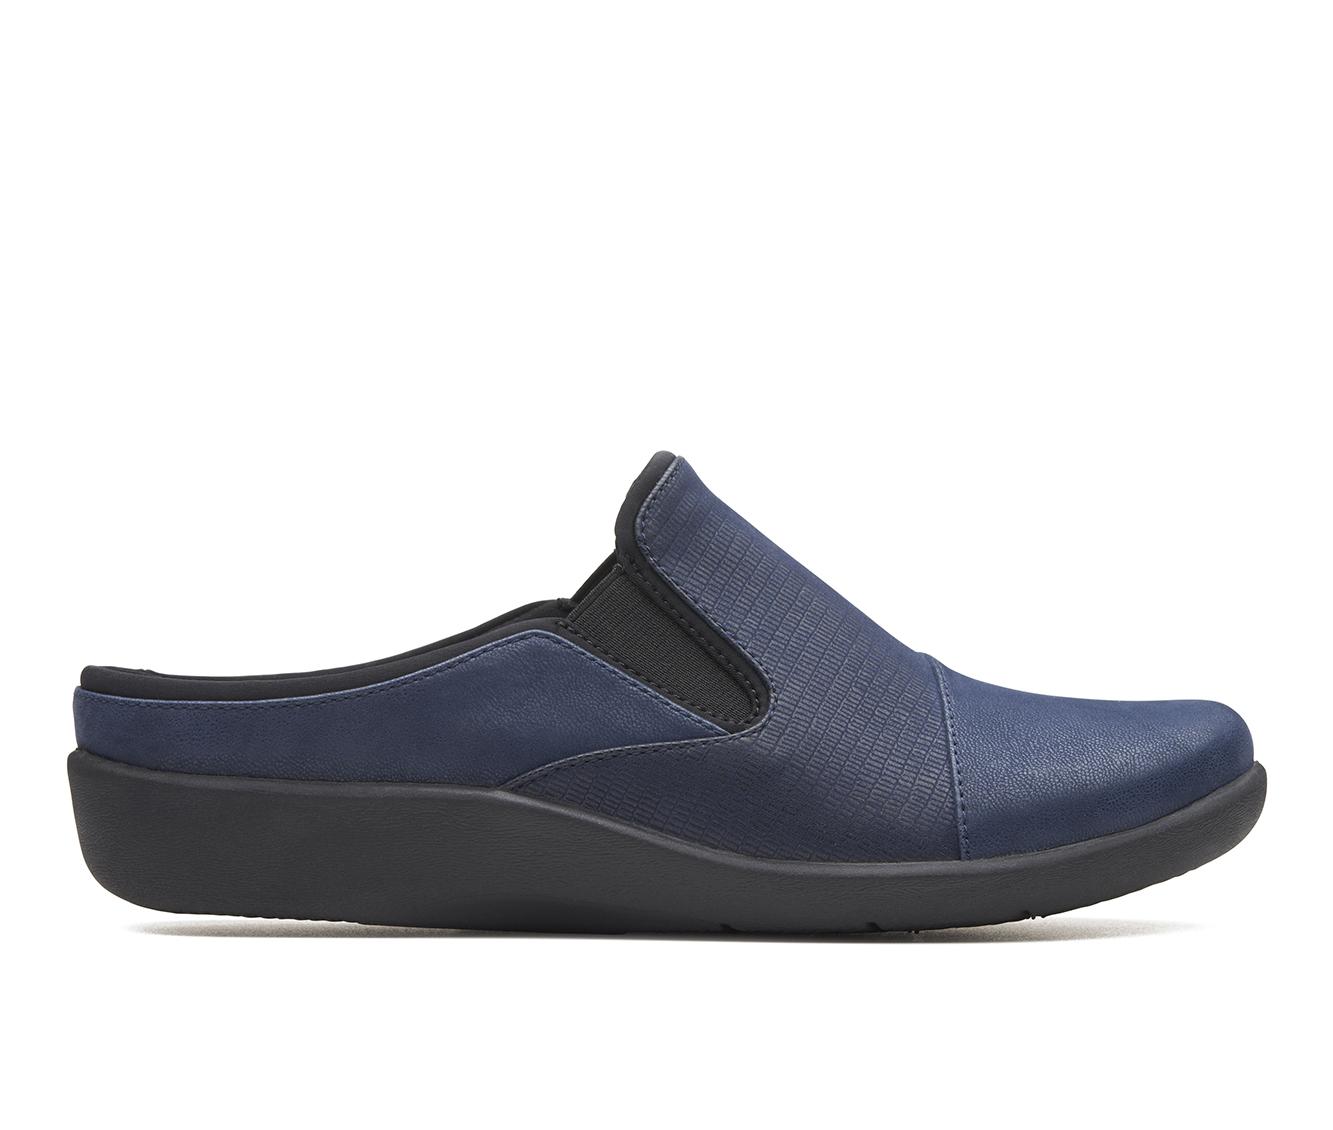 Clarks Sillian Free Women's Shoe (Blue Faux Leather)